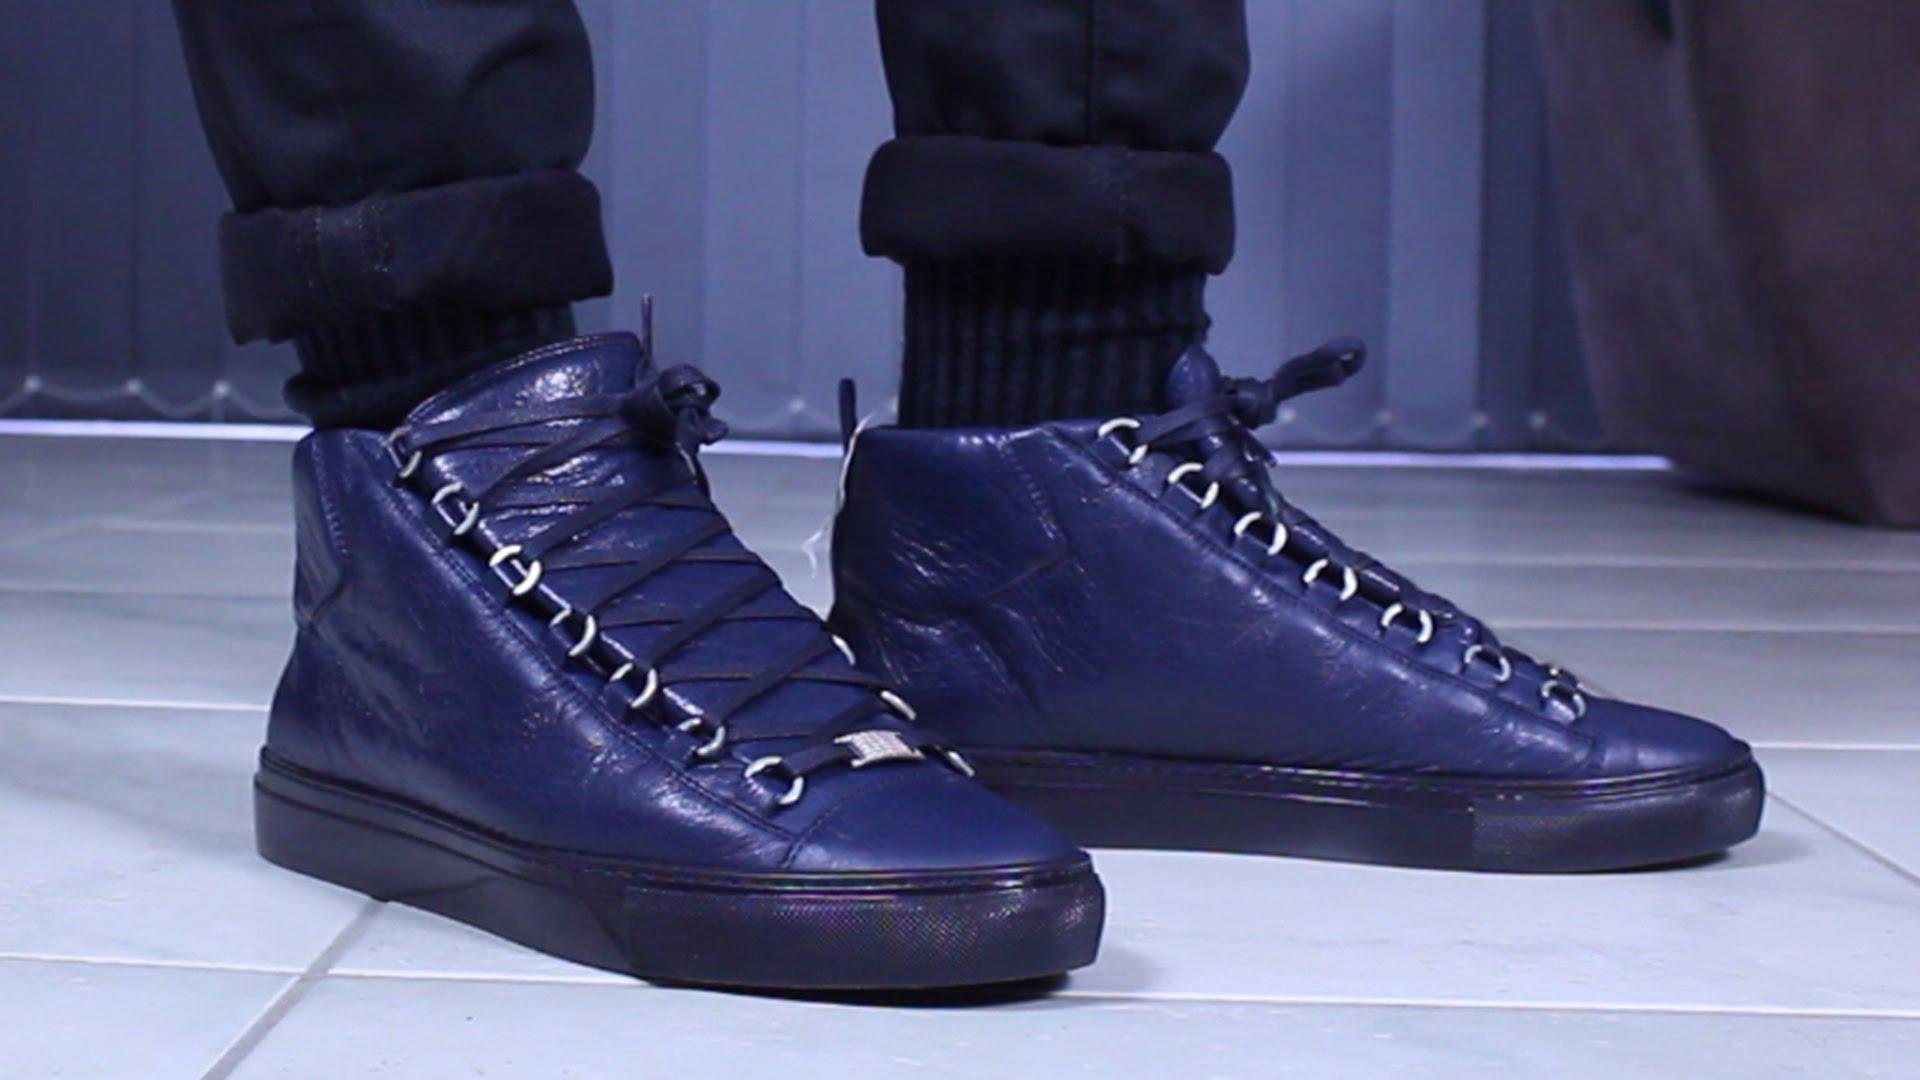 Balenciaga Arena Sneakers | Best Designer Sneakers | Neiman Marcus Sneakers